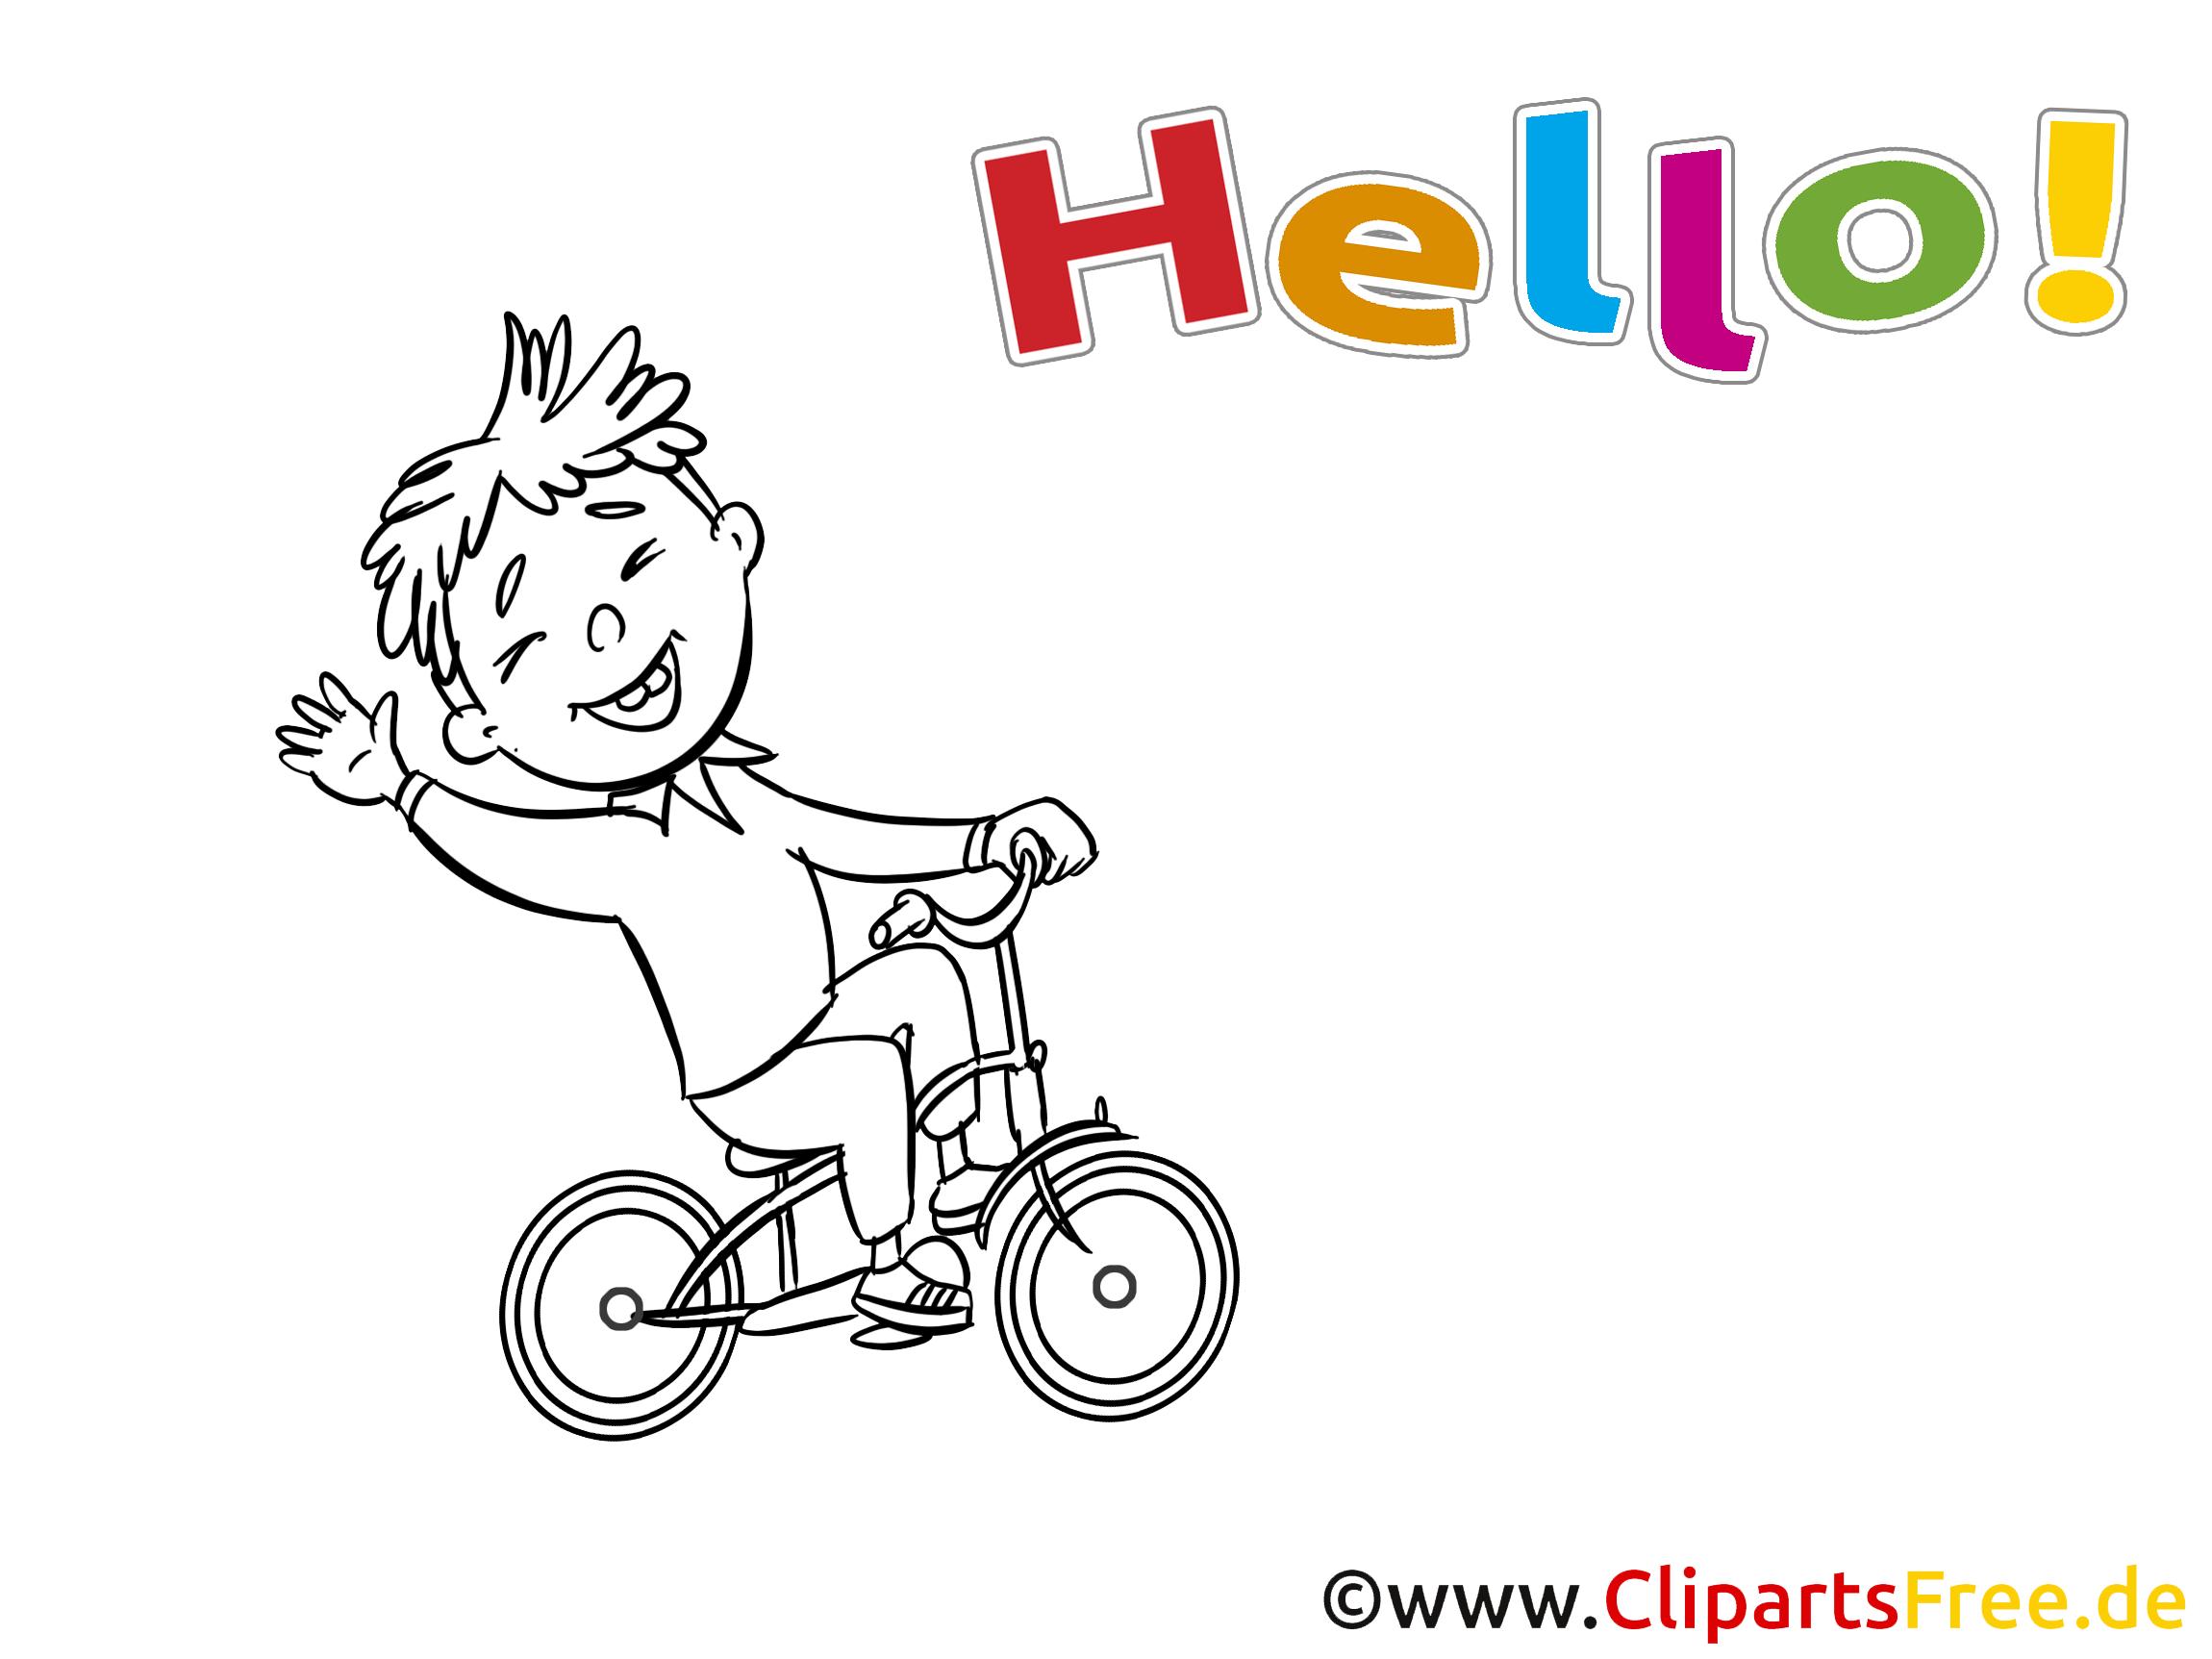 Bicyclette dessin à colorier - Salut cliparts à télécharger